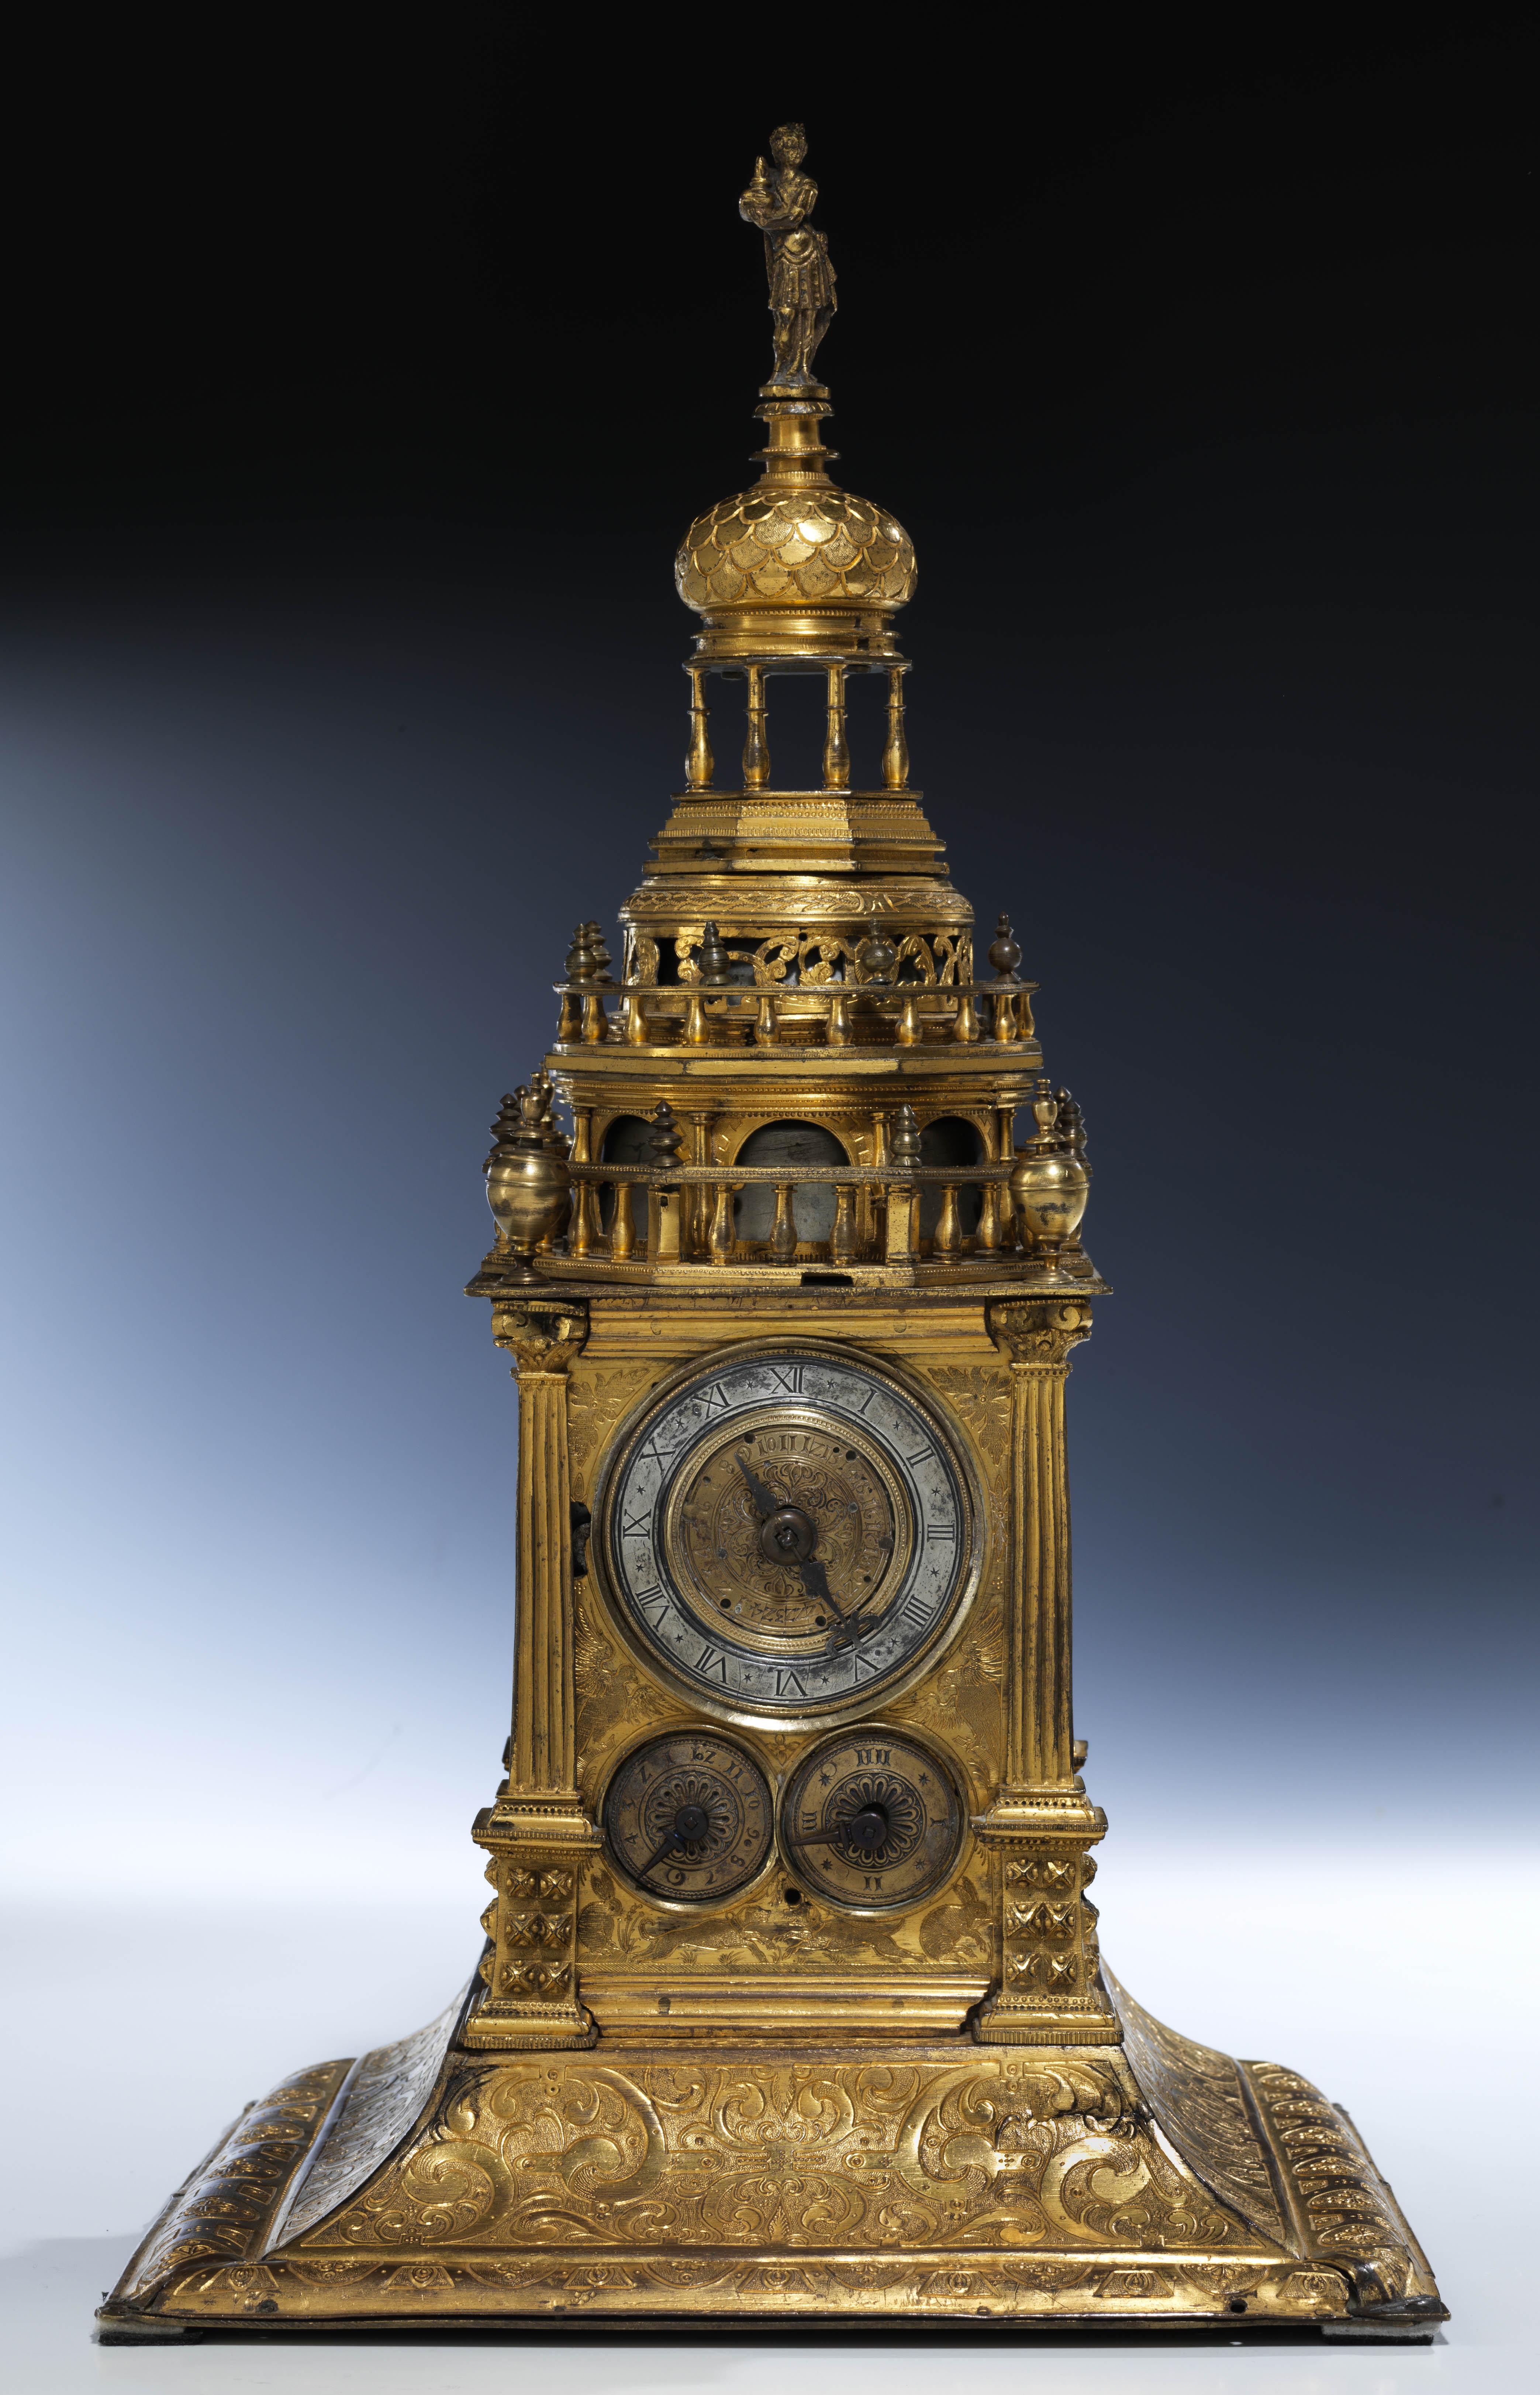 XVI a. stalinis bokšto pavidalo laikrodis | Valdovų rūmų muziejus, D. Avižinio nuotr.